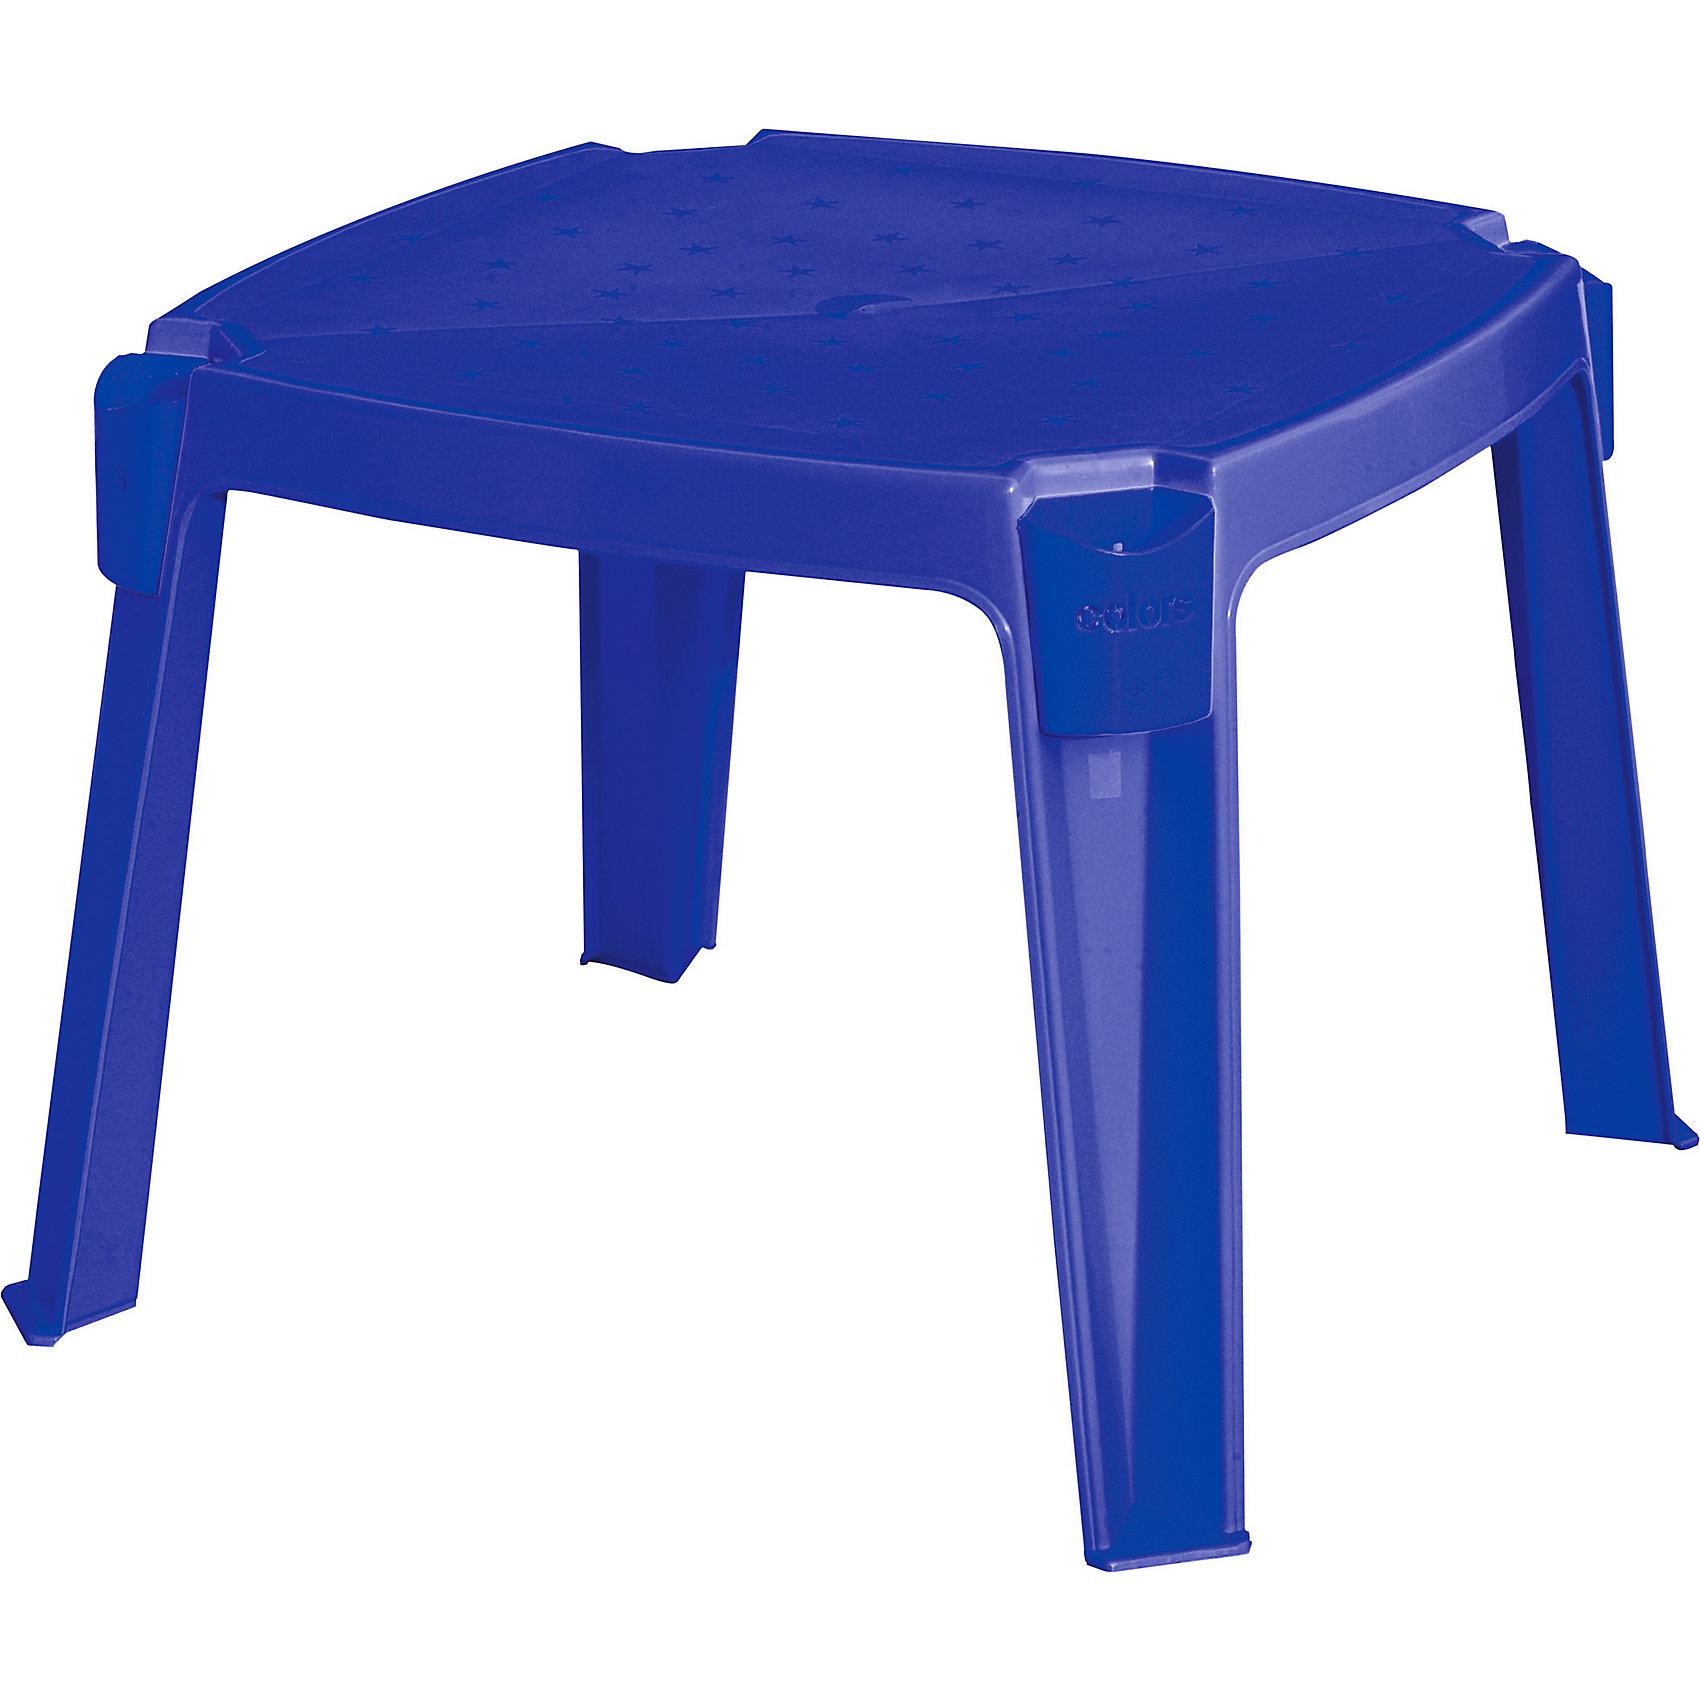 Стол с карманами, синий, MarianplastMarianplast Стол с карманами - яркий и удобный детский столик с карманами для карандашей и фломастеров.<br><br>За столиком свободно смогут расположиться сразу 4 ребенка. <br>Размер: 53X53X42.5см<br><br>За столиком можно перекусить, поиграть в настольные игры или порисовать. Может использоваться как на даче, так и в детской комнате.<br><br>Ширина мм: 530<br>Глубина мм: 530<br>Высота мм: 425<br>Вес г: 1530<br>Возраст от месяцев: 216<br>Возраст до месяцев: 144<br>Пол: Унисекс<br>Возраст: Детский<br>SKU: 4860650